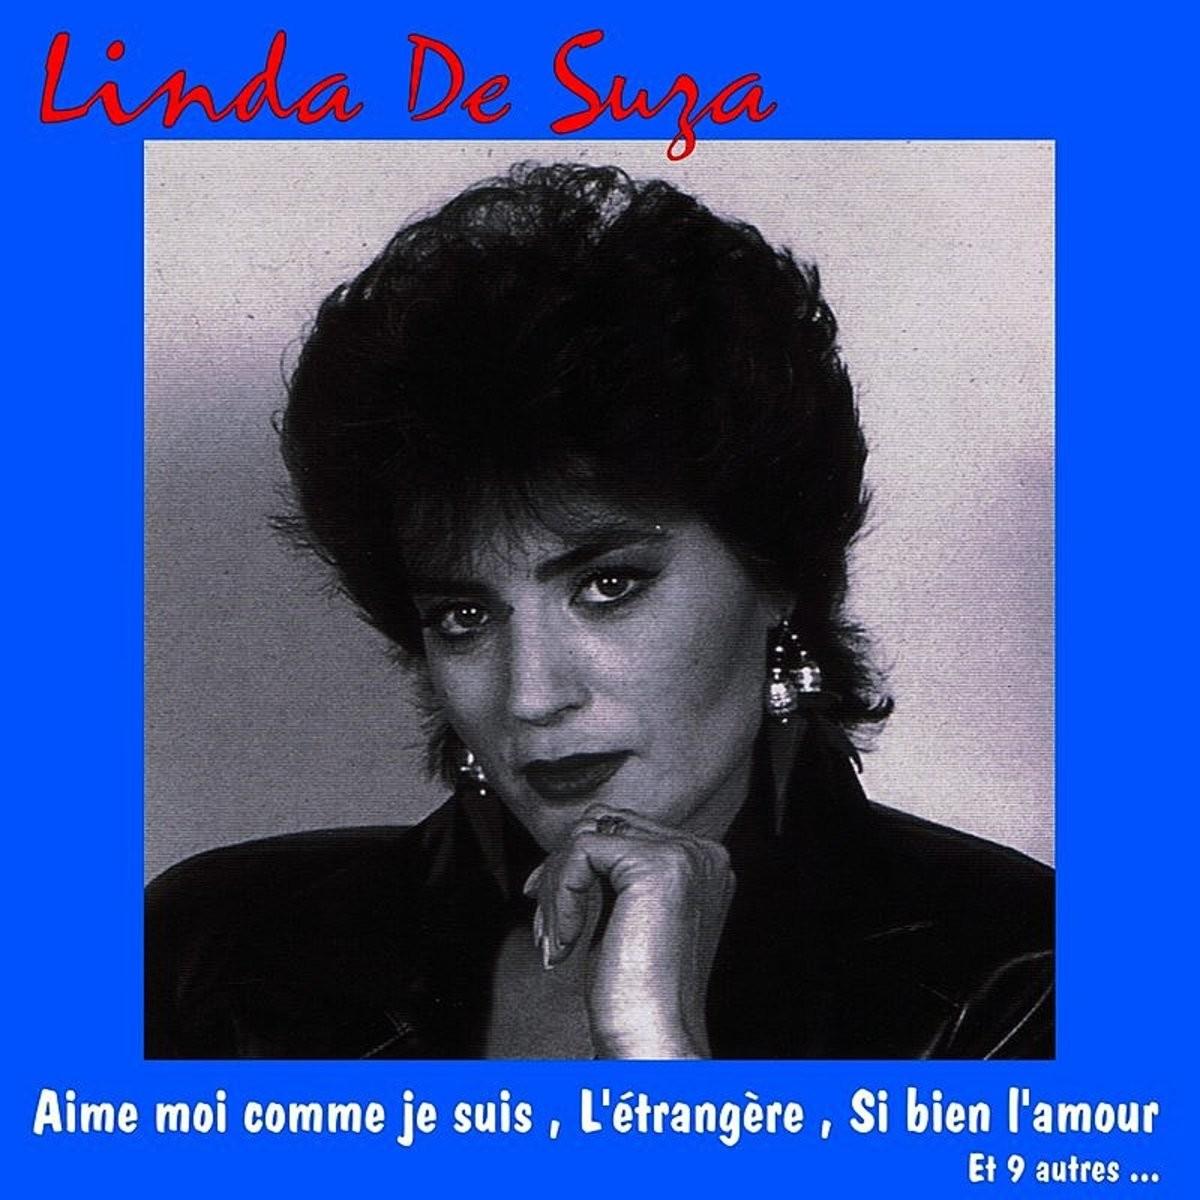 SUZA LINDA TÉLÉCHARGER ALBUM GRATUIT DE